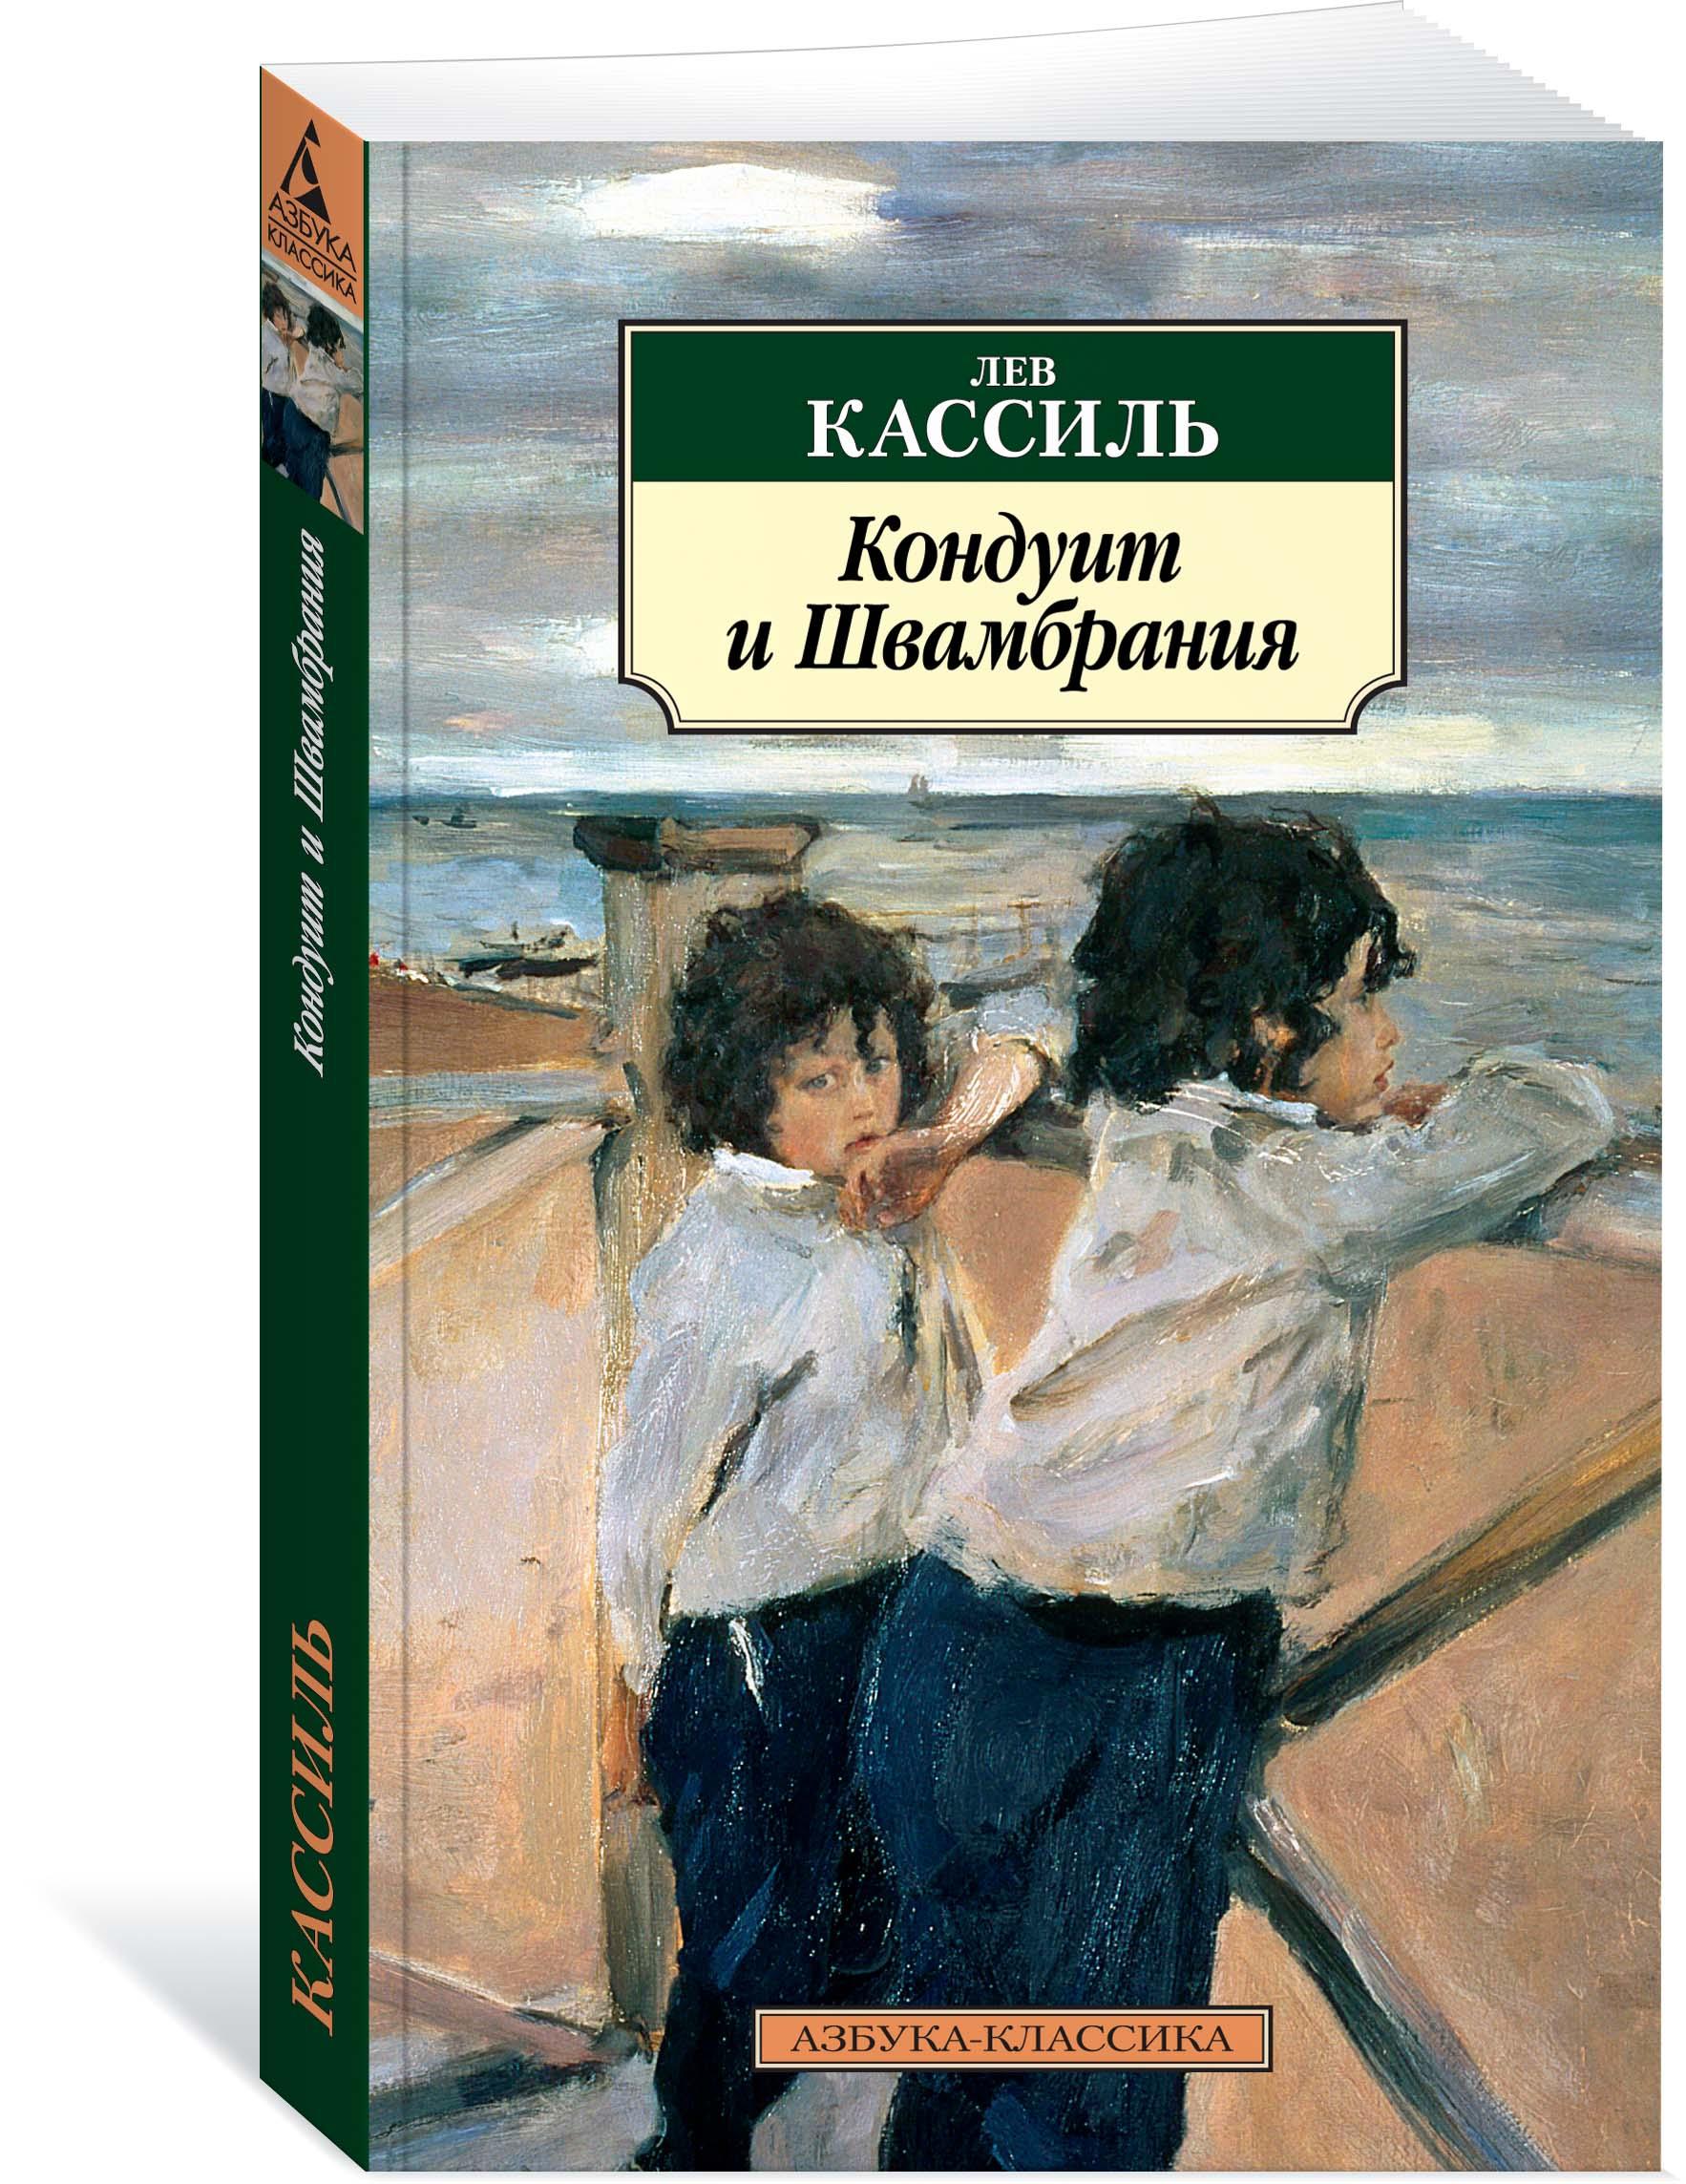 Лев Кассиль Кондуит и Швамбрания хроники первой мировой войны и свержения самодержавия выпуски 5 7 3 dvd